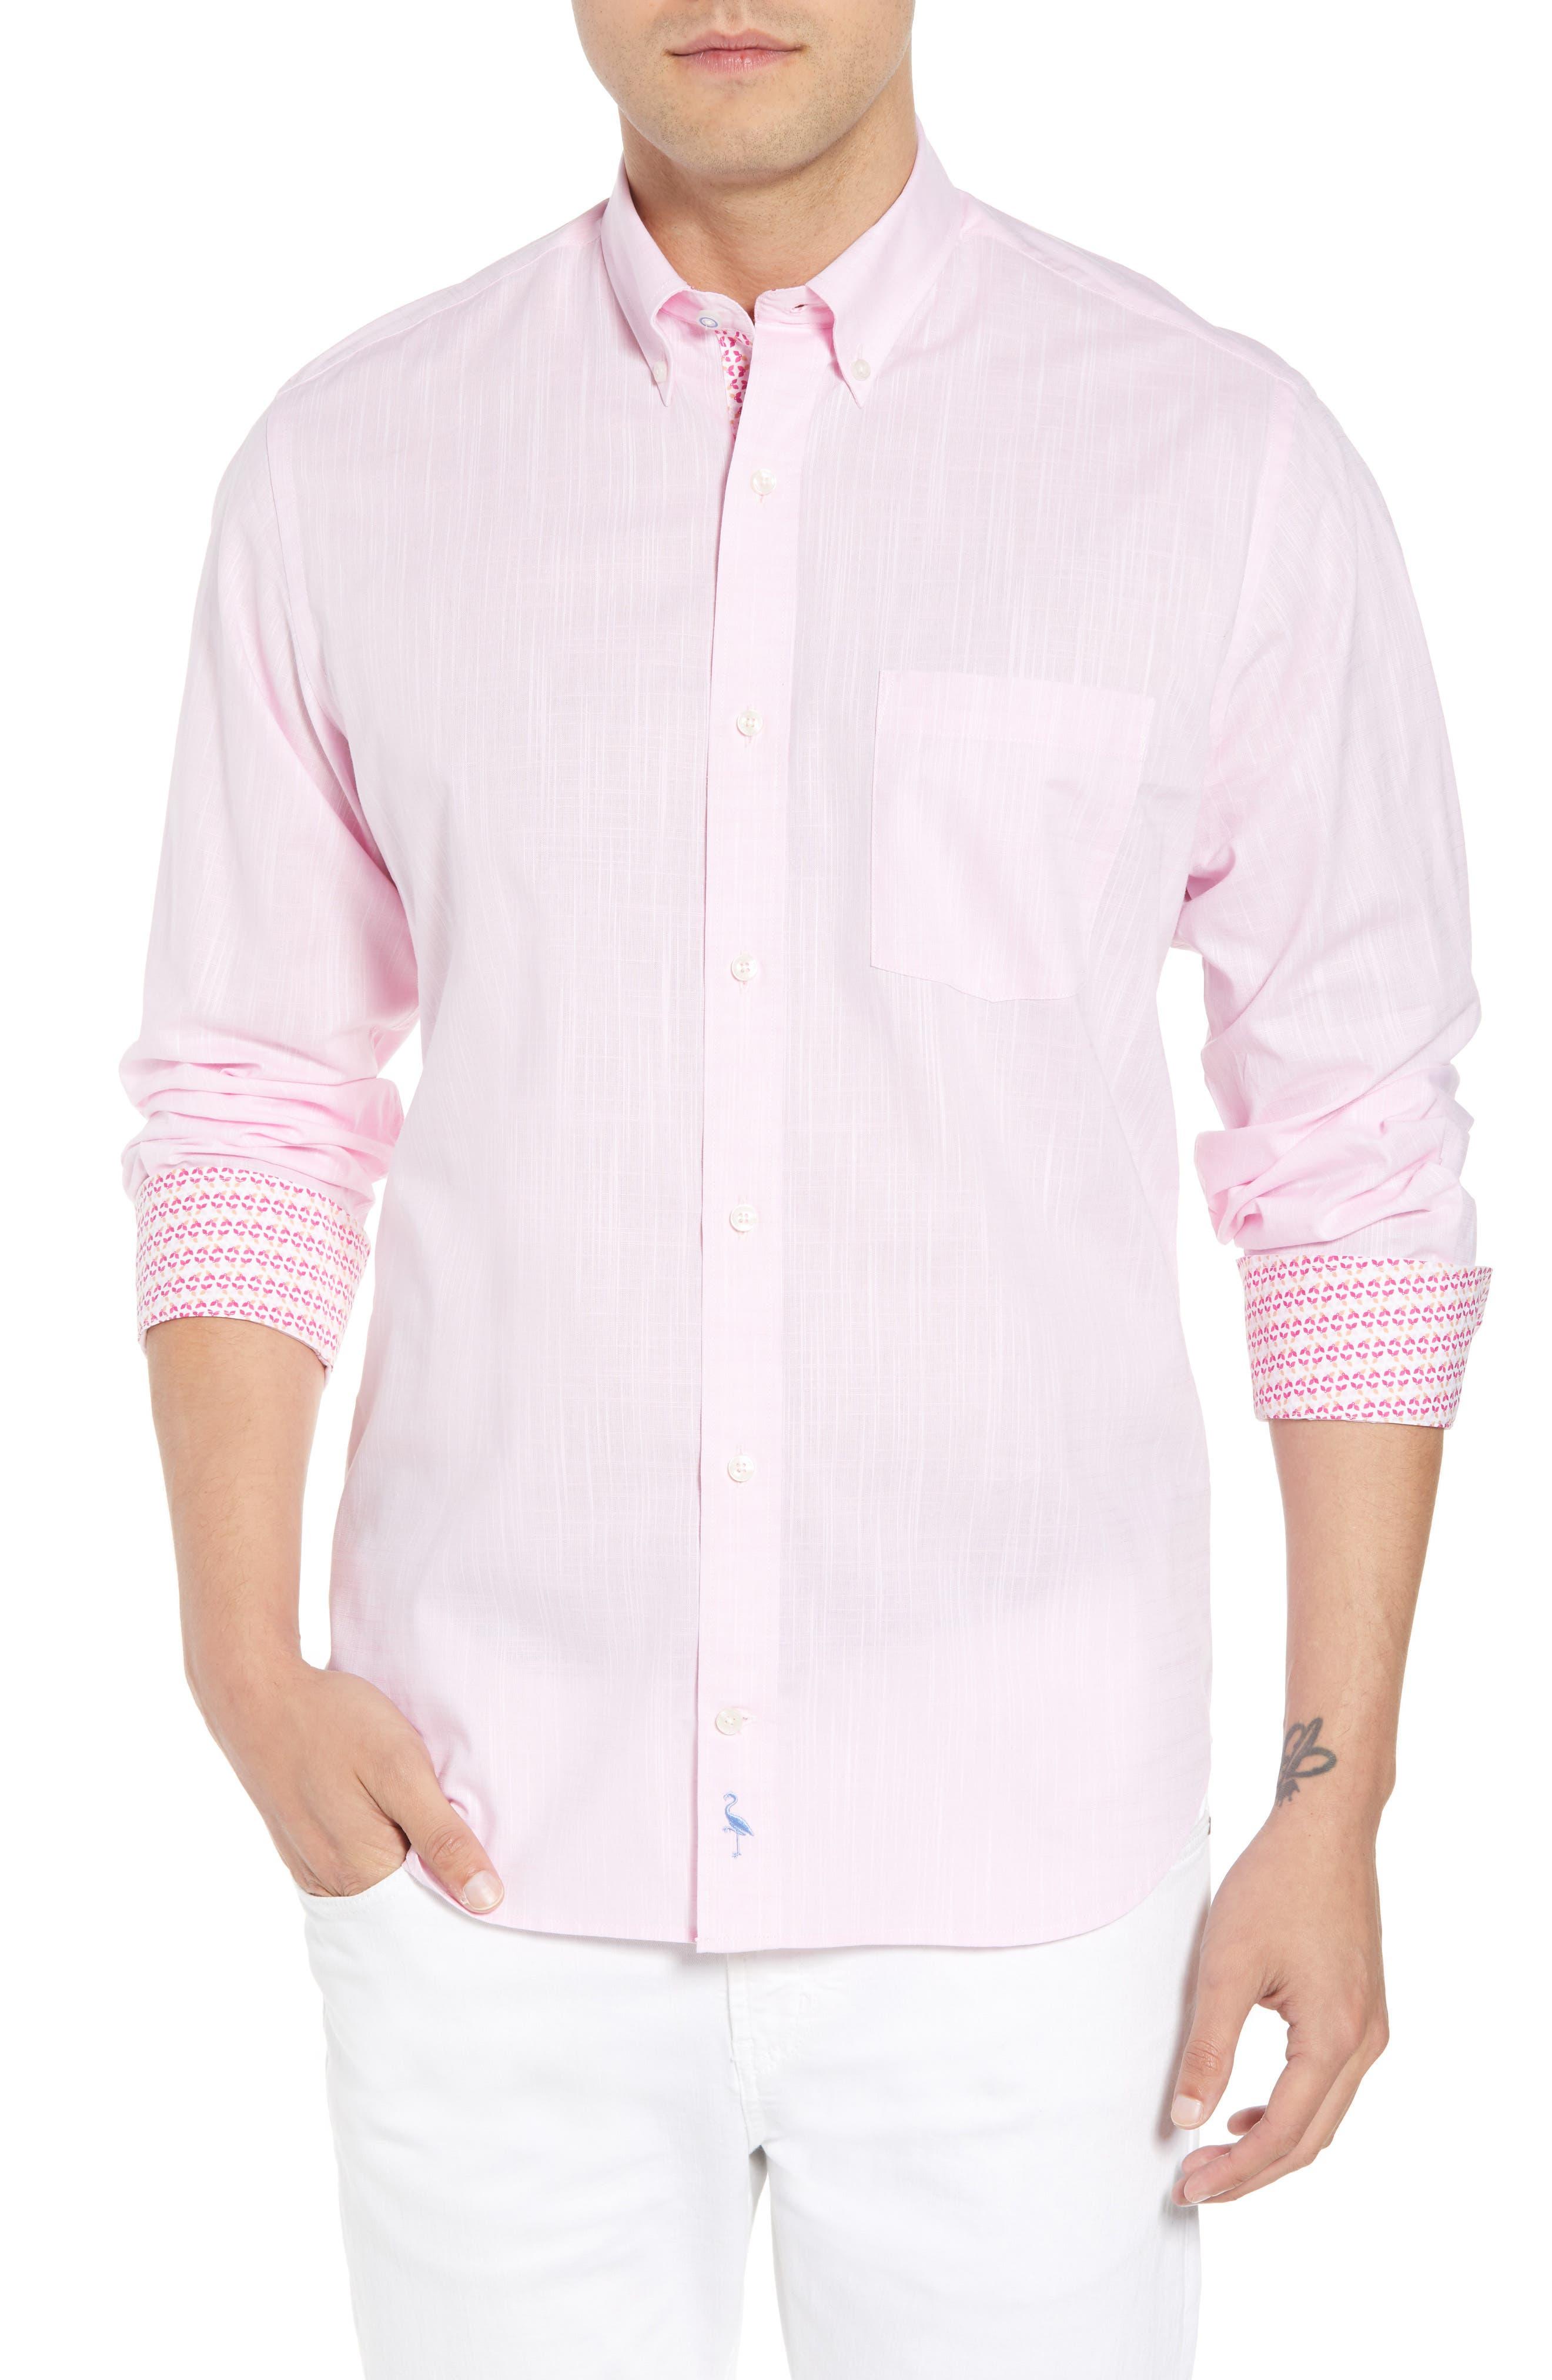 Kade Regular Fit Sport Shirt,                         Main,                         color, Pink